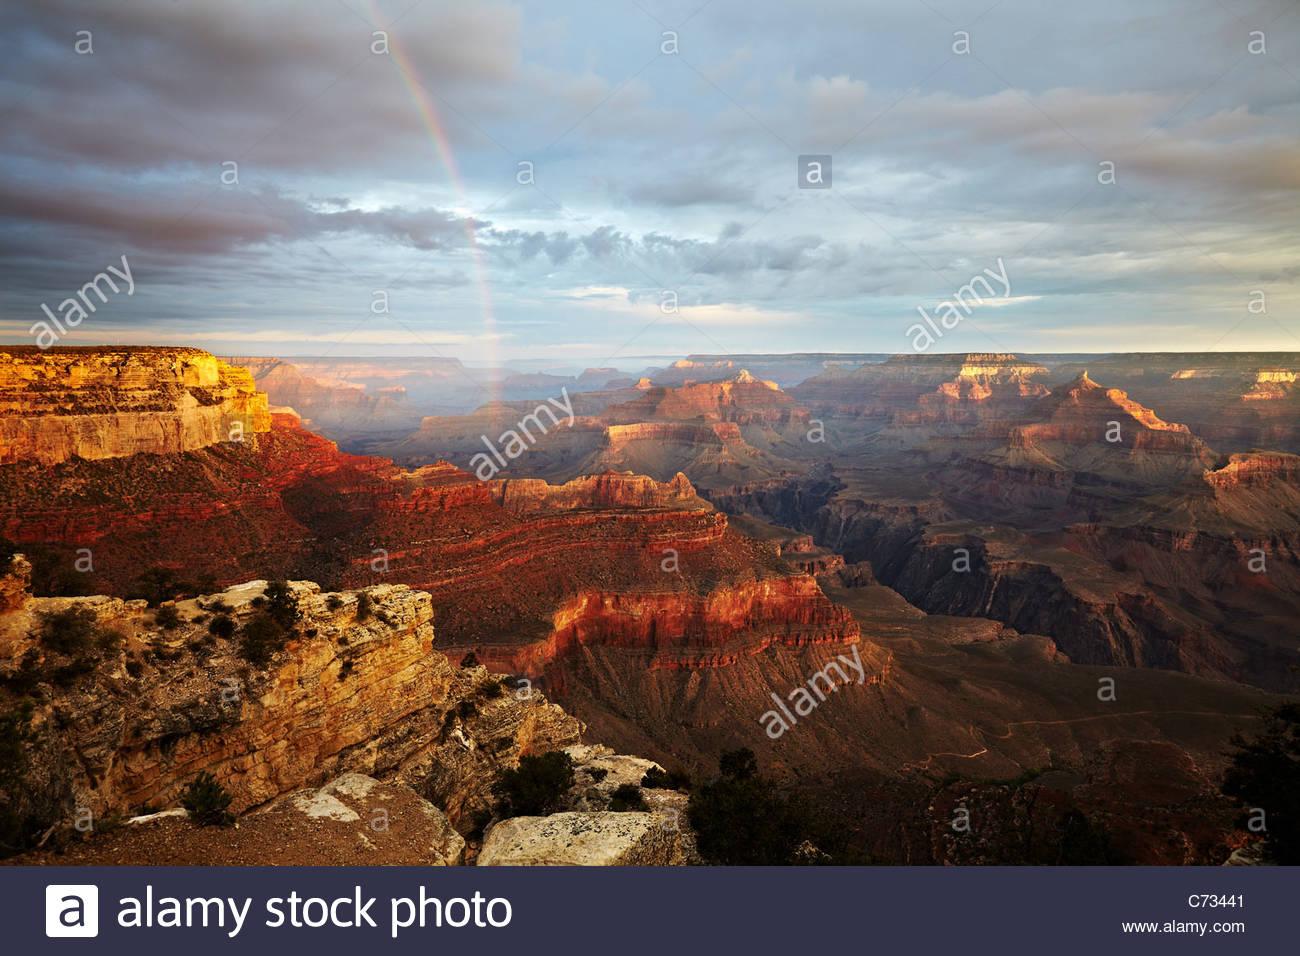 El amanecer, la luz de la mañana y arcoiris en el Gran Cañón, Arizona, EE.UU. Foto de stock